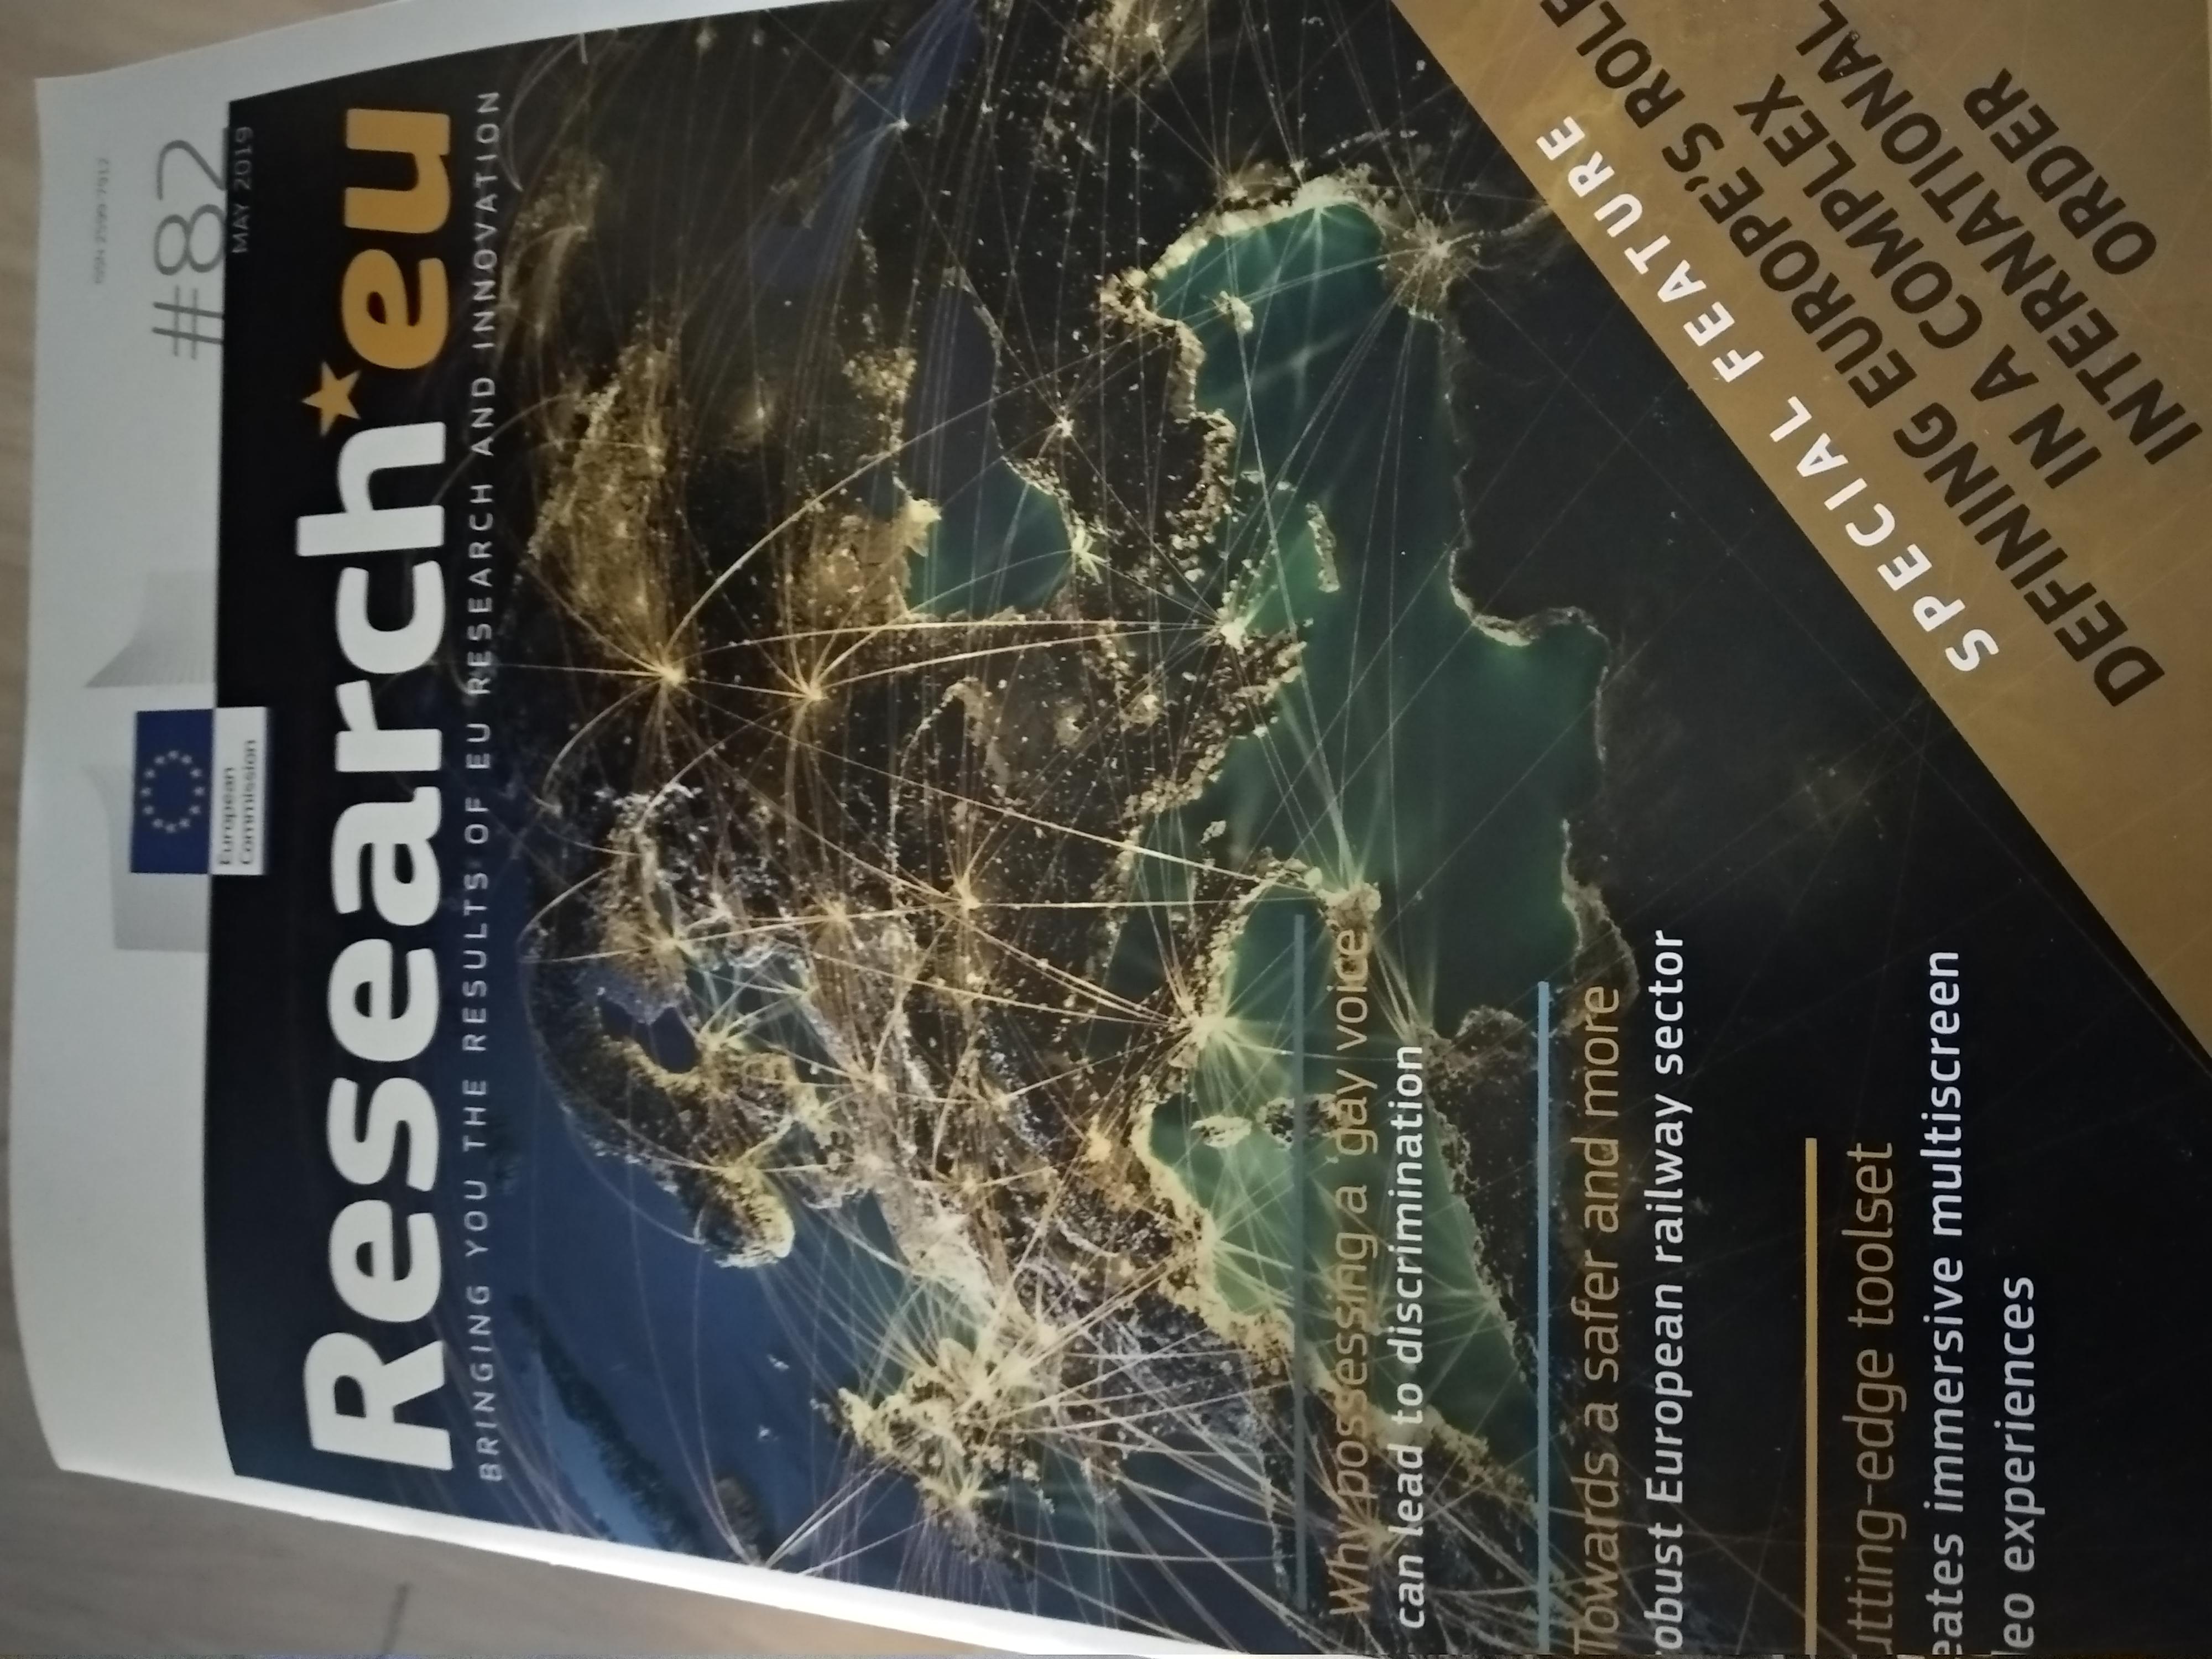 Revista reseach EU mayo 2019 idioma inglés formato papel gratuita y también pdf